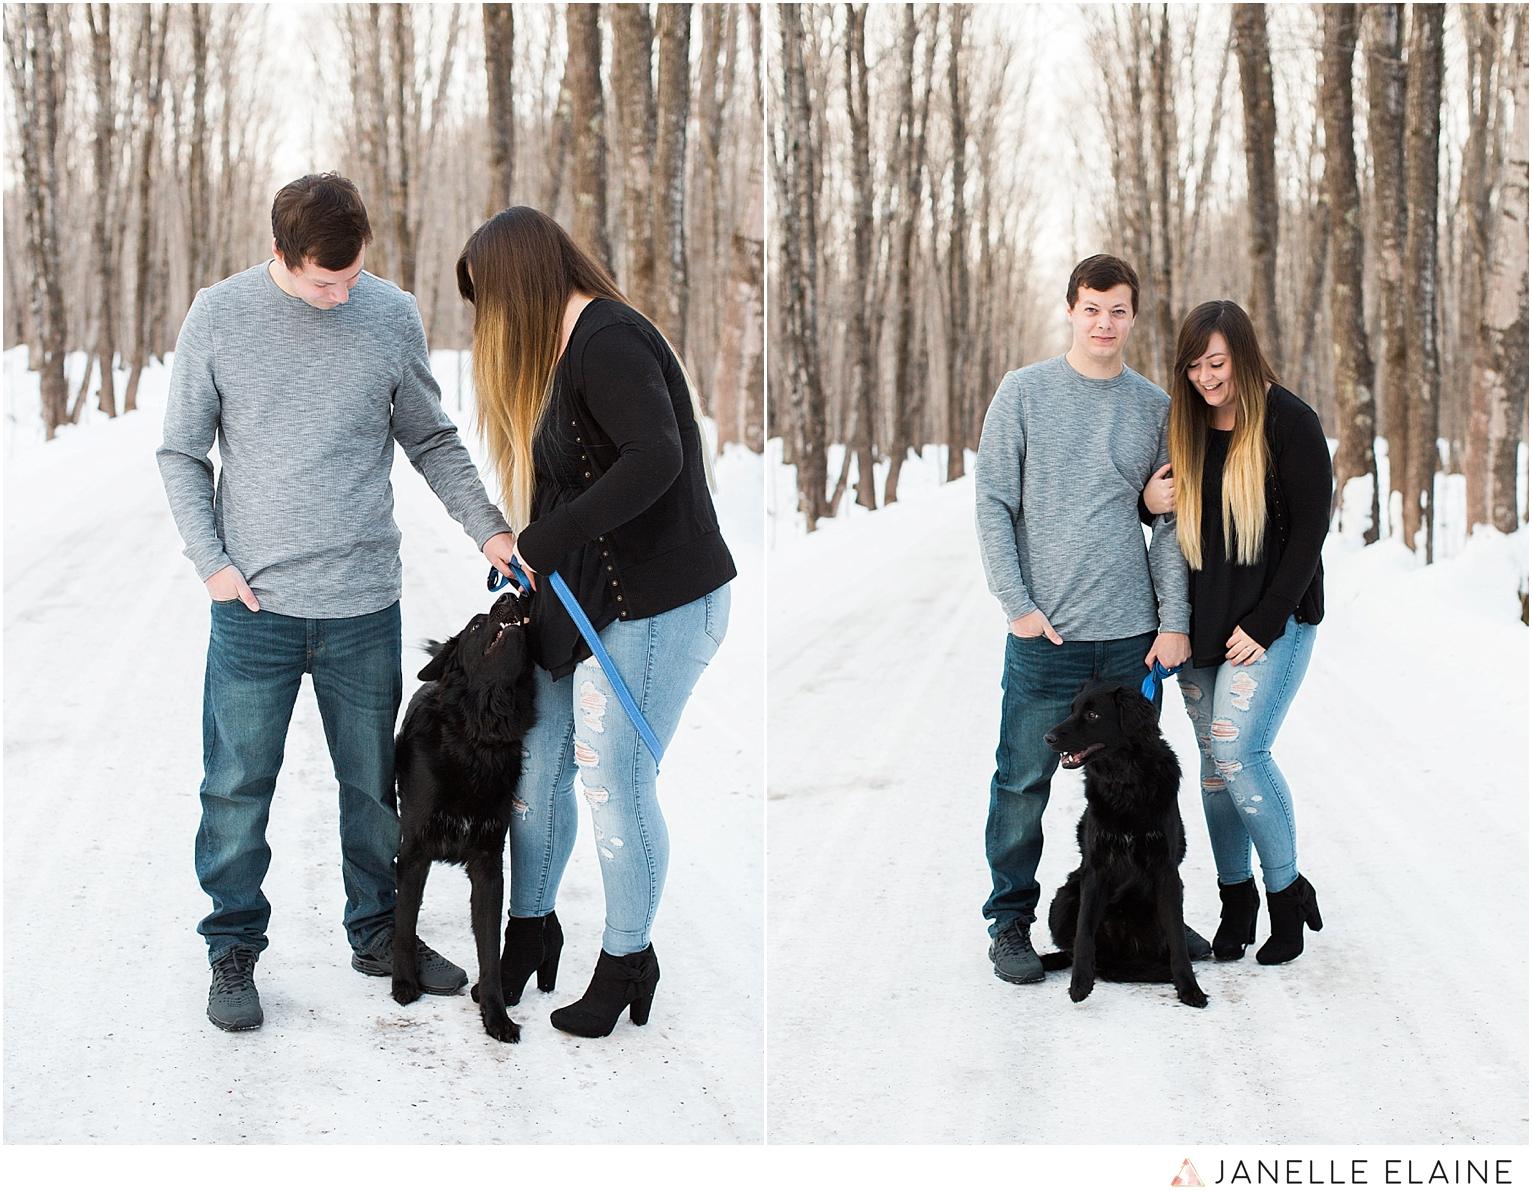 seattle-washington-engagement-photographers-janelle elaine-38.jpg